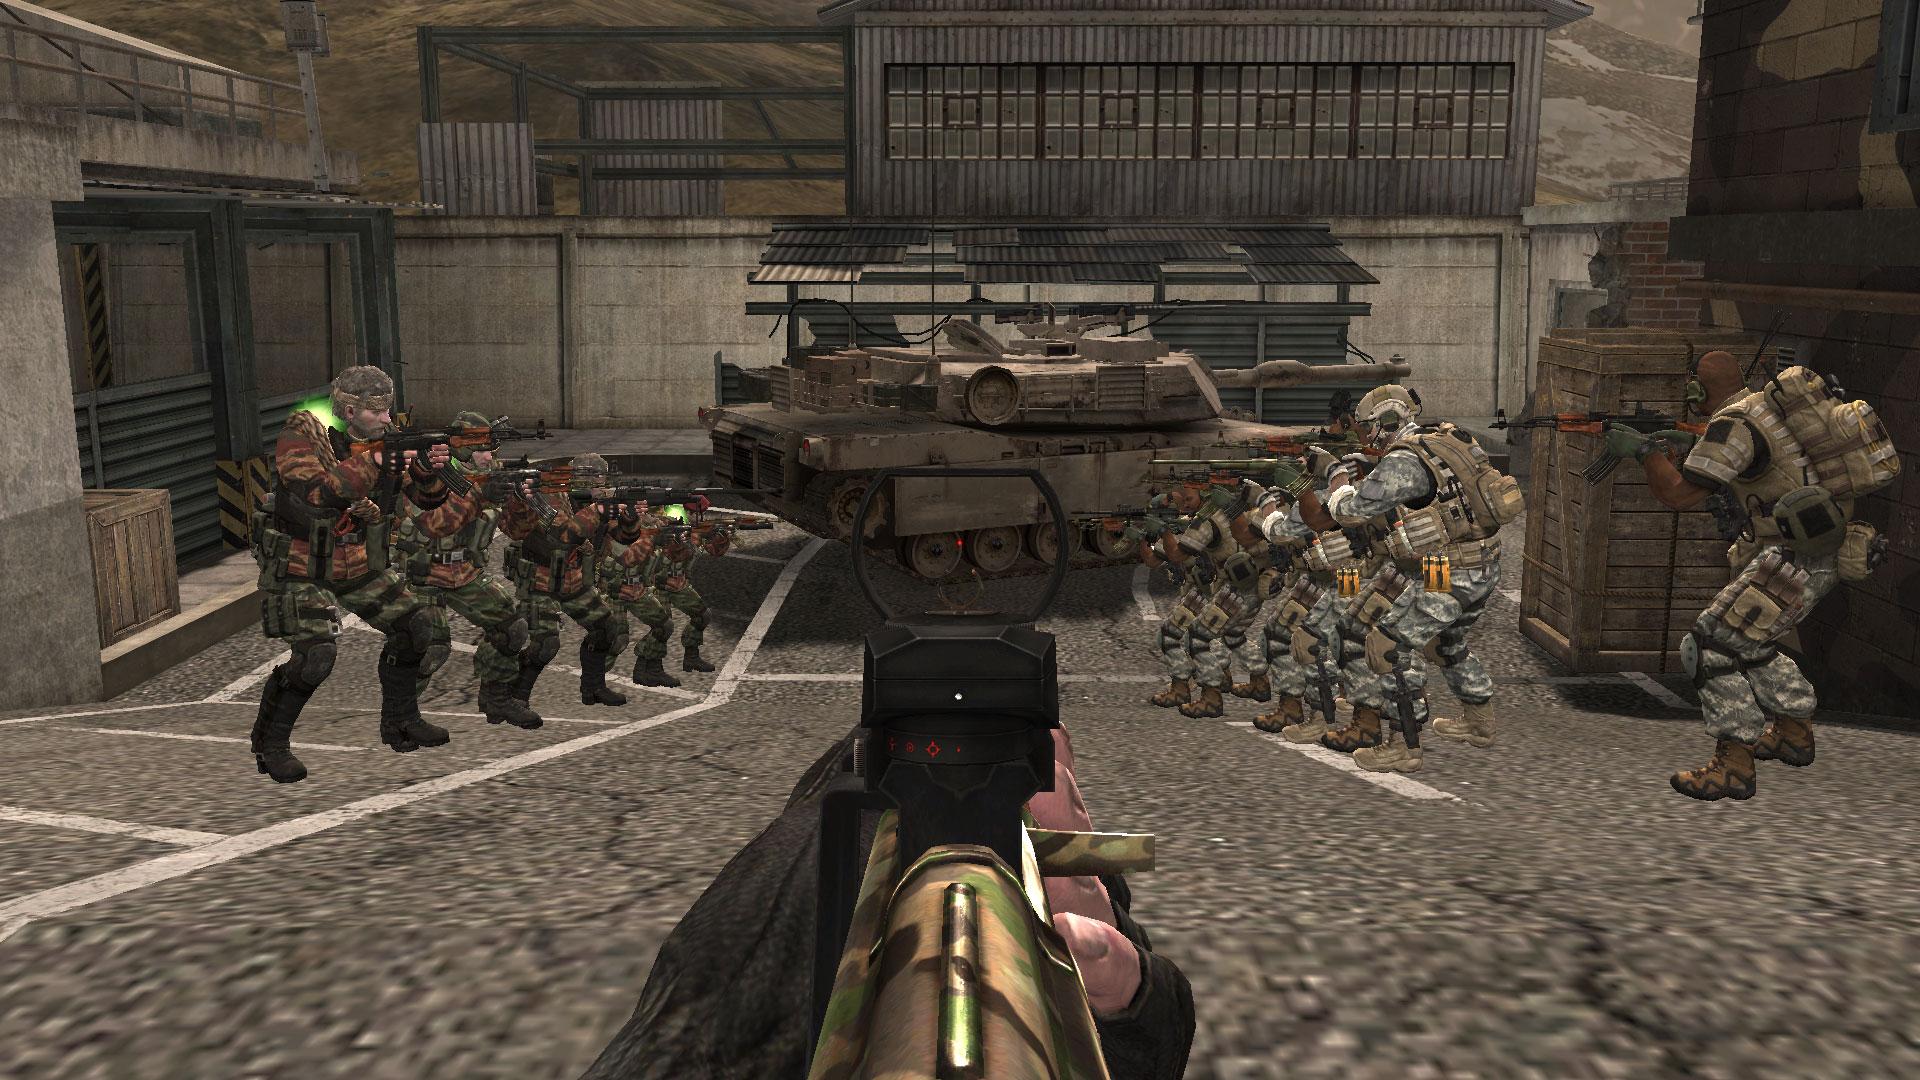 一个大型单机枪战游戏 可以联机的 进去可以选人物 每个人都有特殊